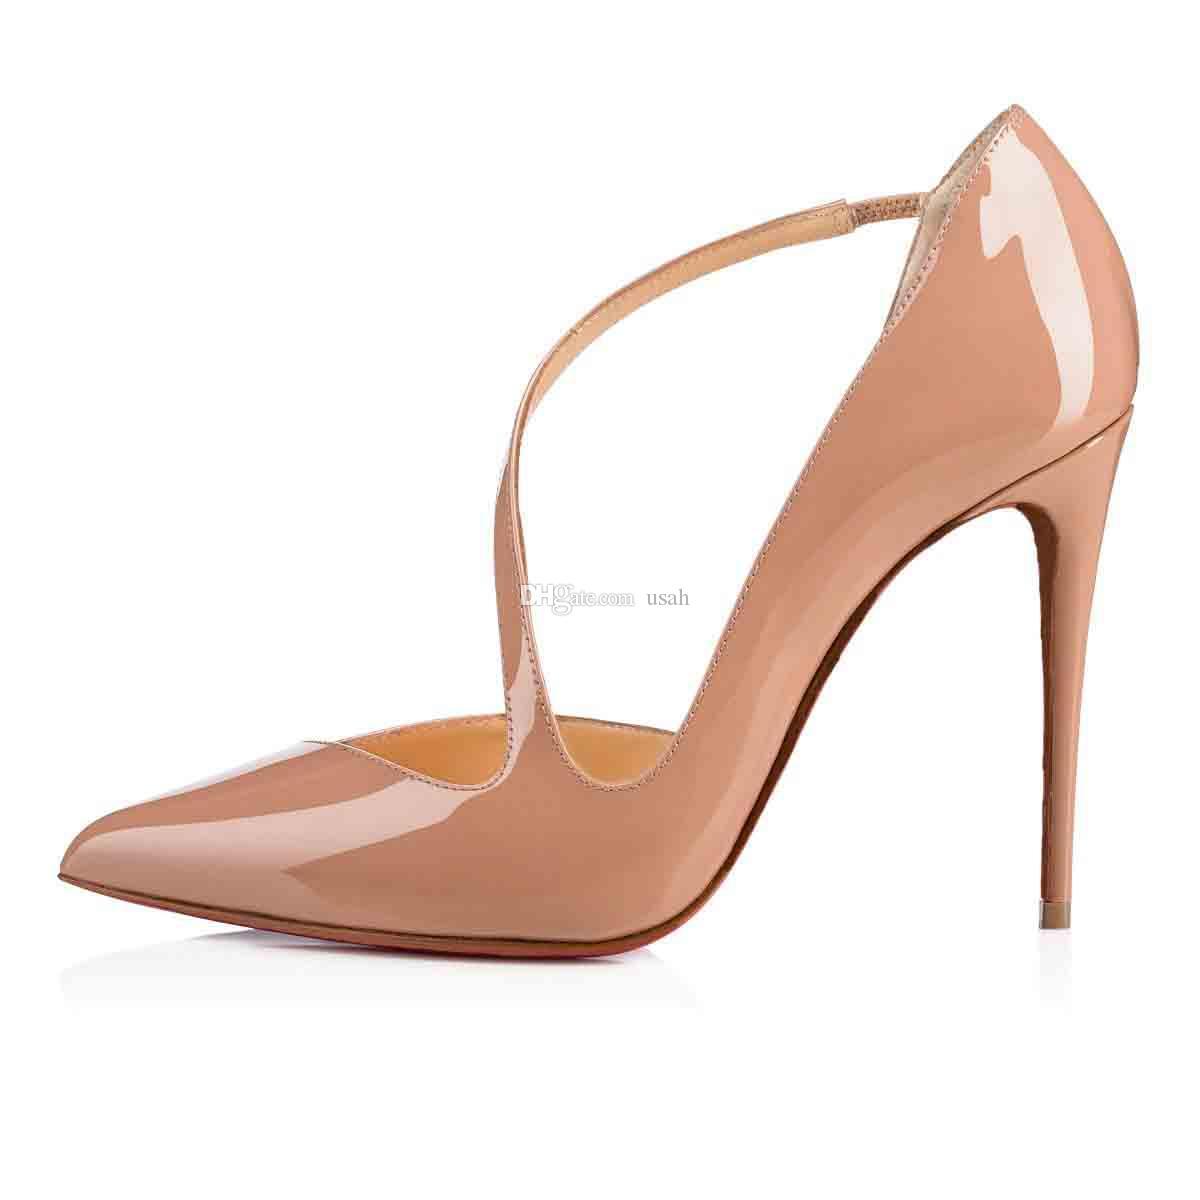 Dress-Party-Marry Senhora Salto Alto inferior Red Pumps Shoes salto stiletto bombas salto Preto Nude de couro com 100 milímetros T-Correia de atacado